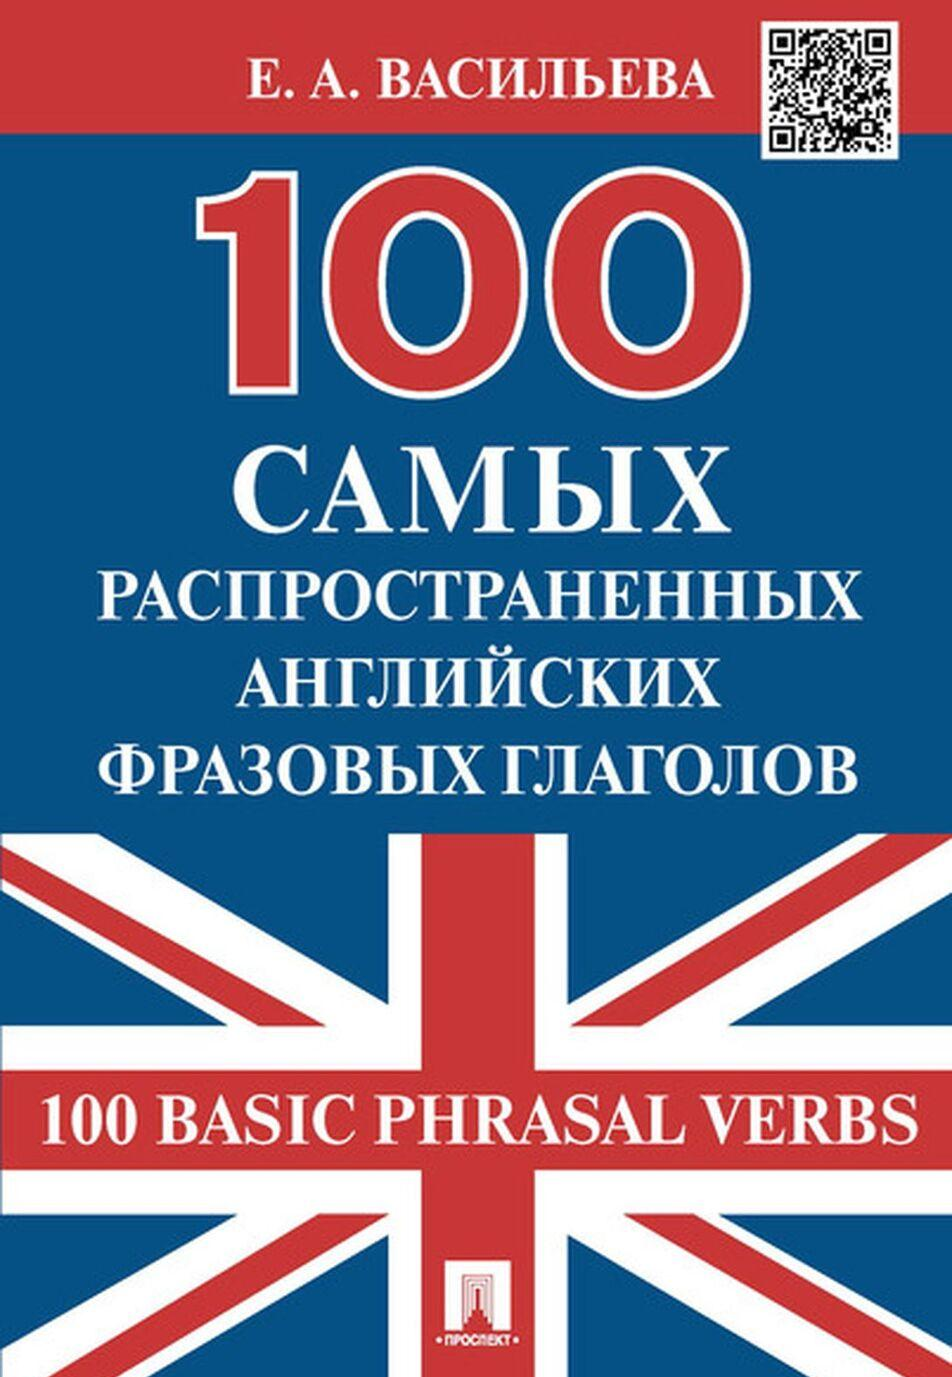 100 samykh rasprostranennykh anglijskikh frazovykh glagolov (100 Basic Phrasal Verbs).